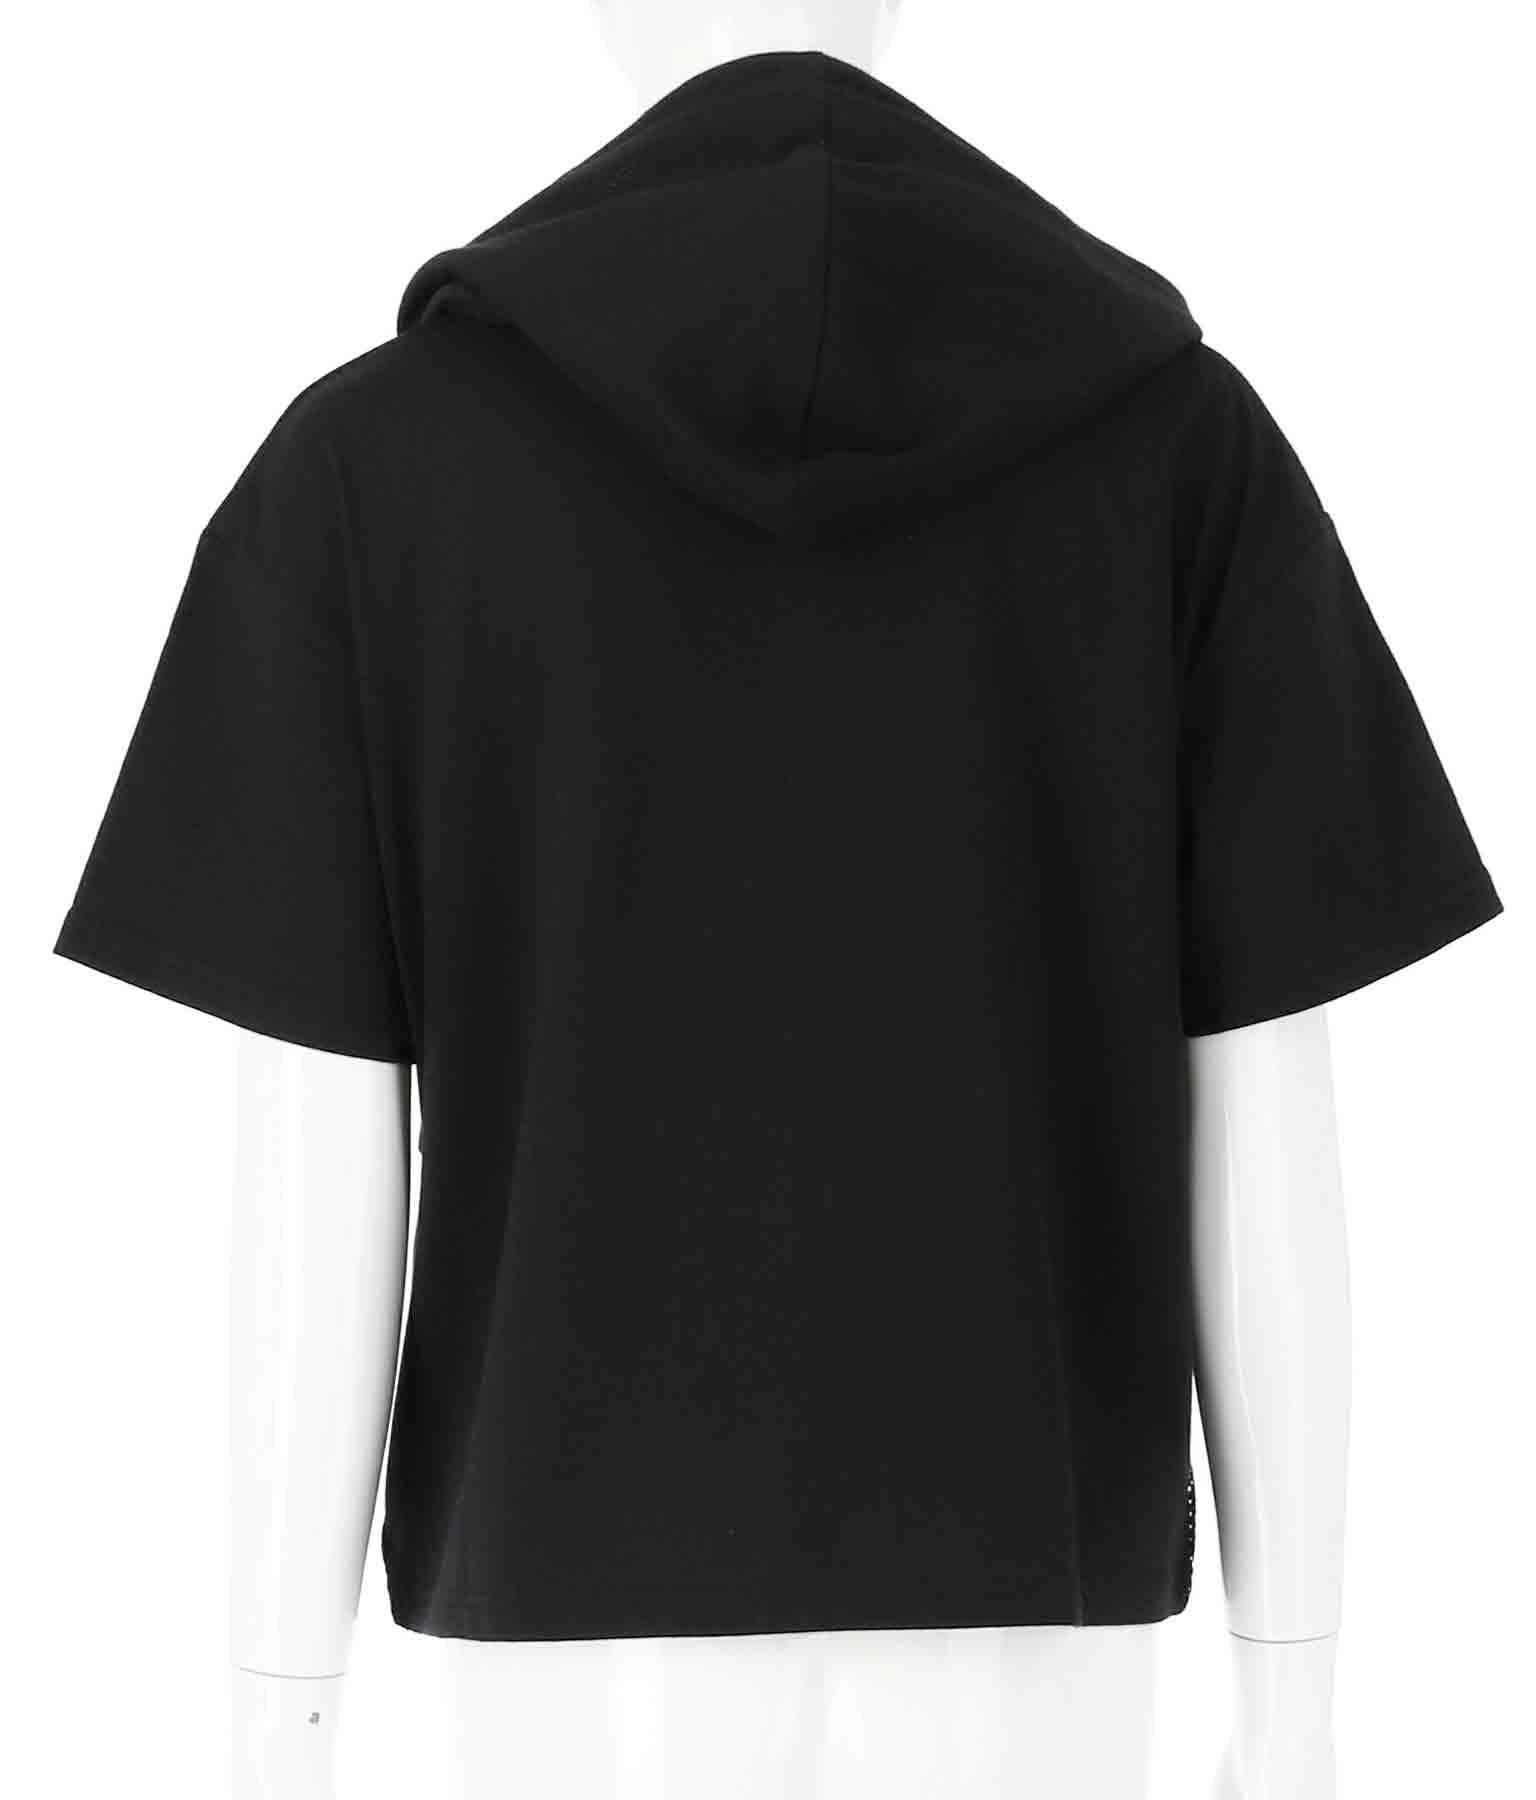 メッシュ切替リングジップフーディートップス(トップス/Tシャツ)   ANAP GiRL